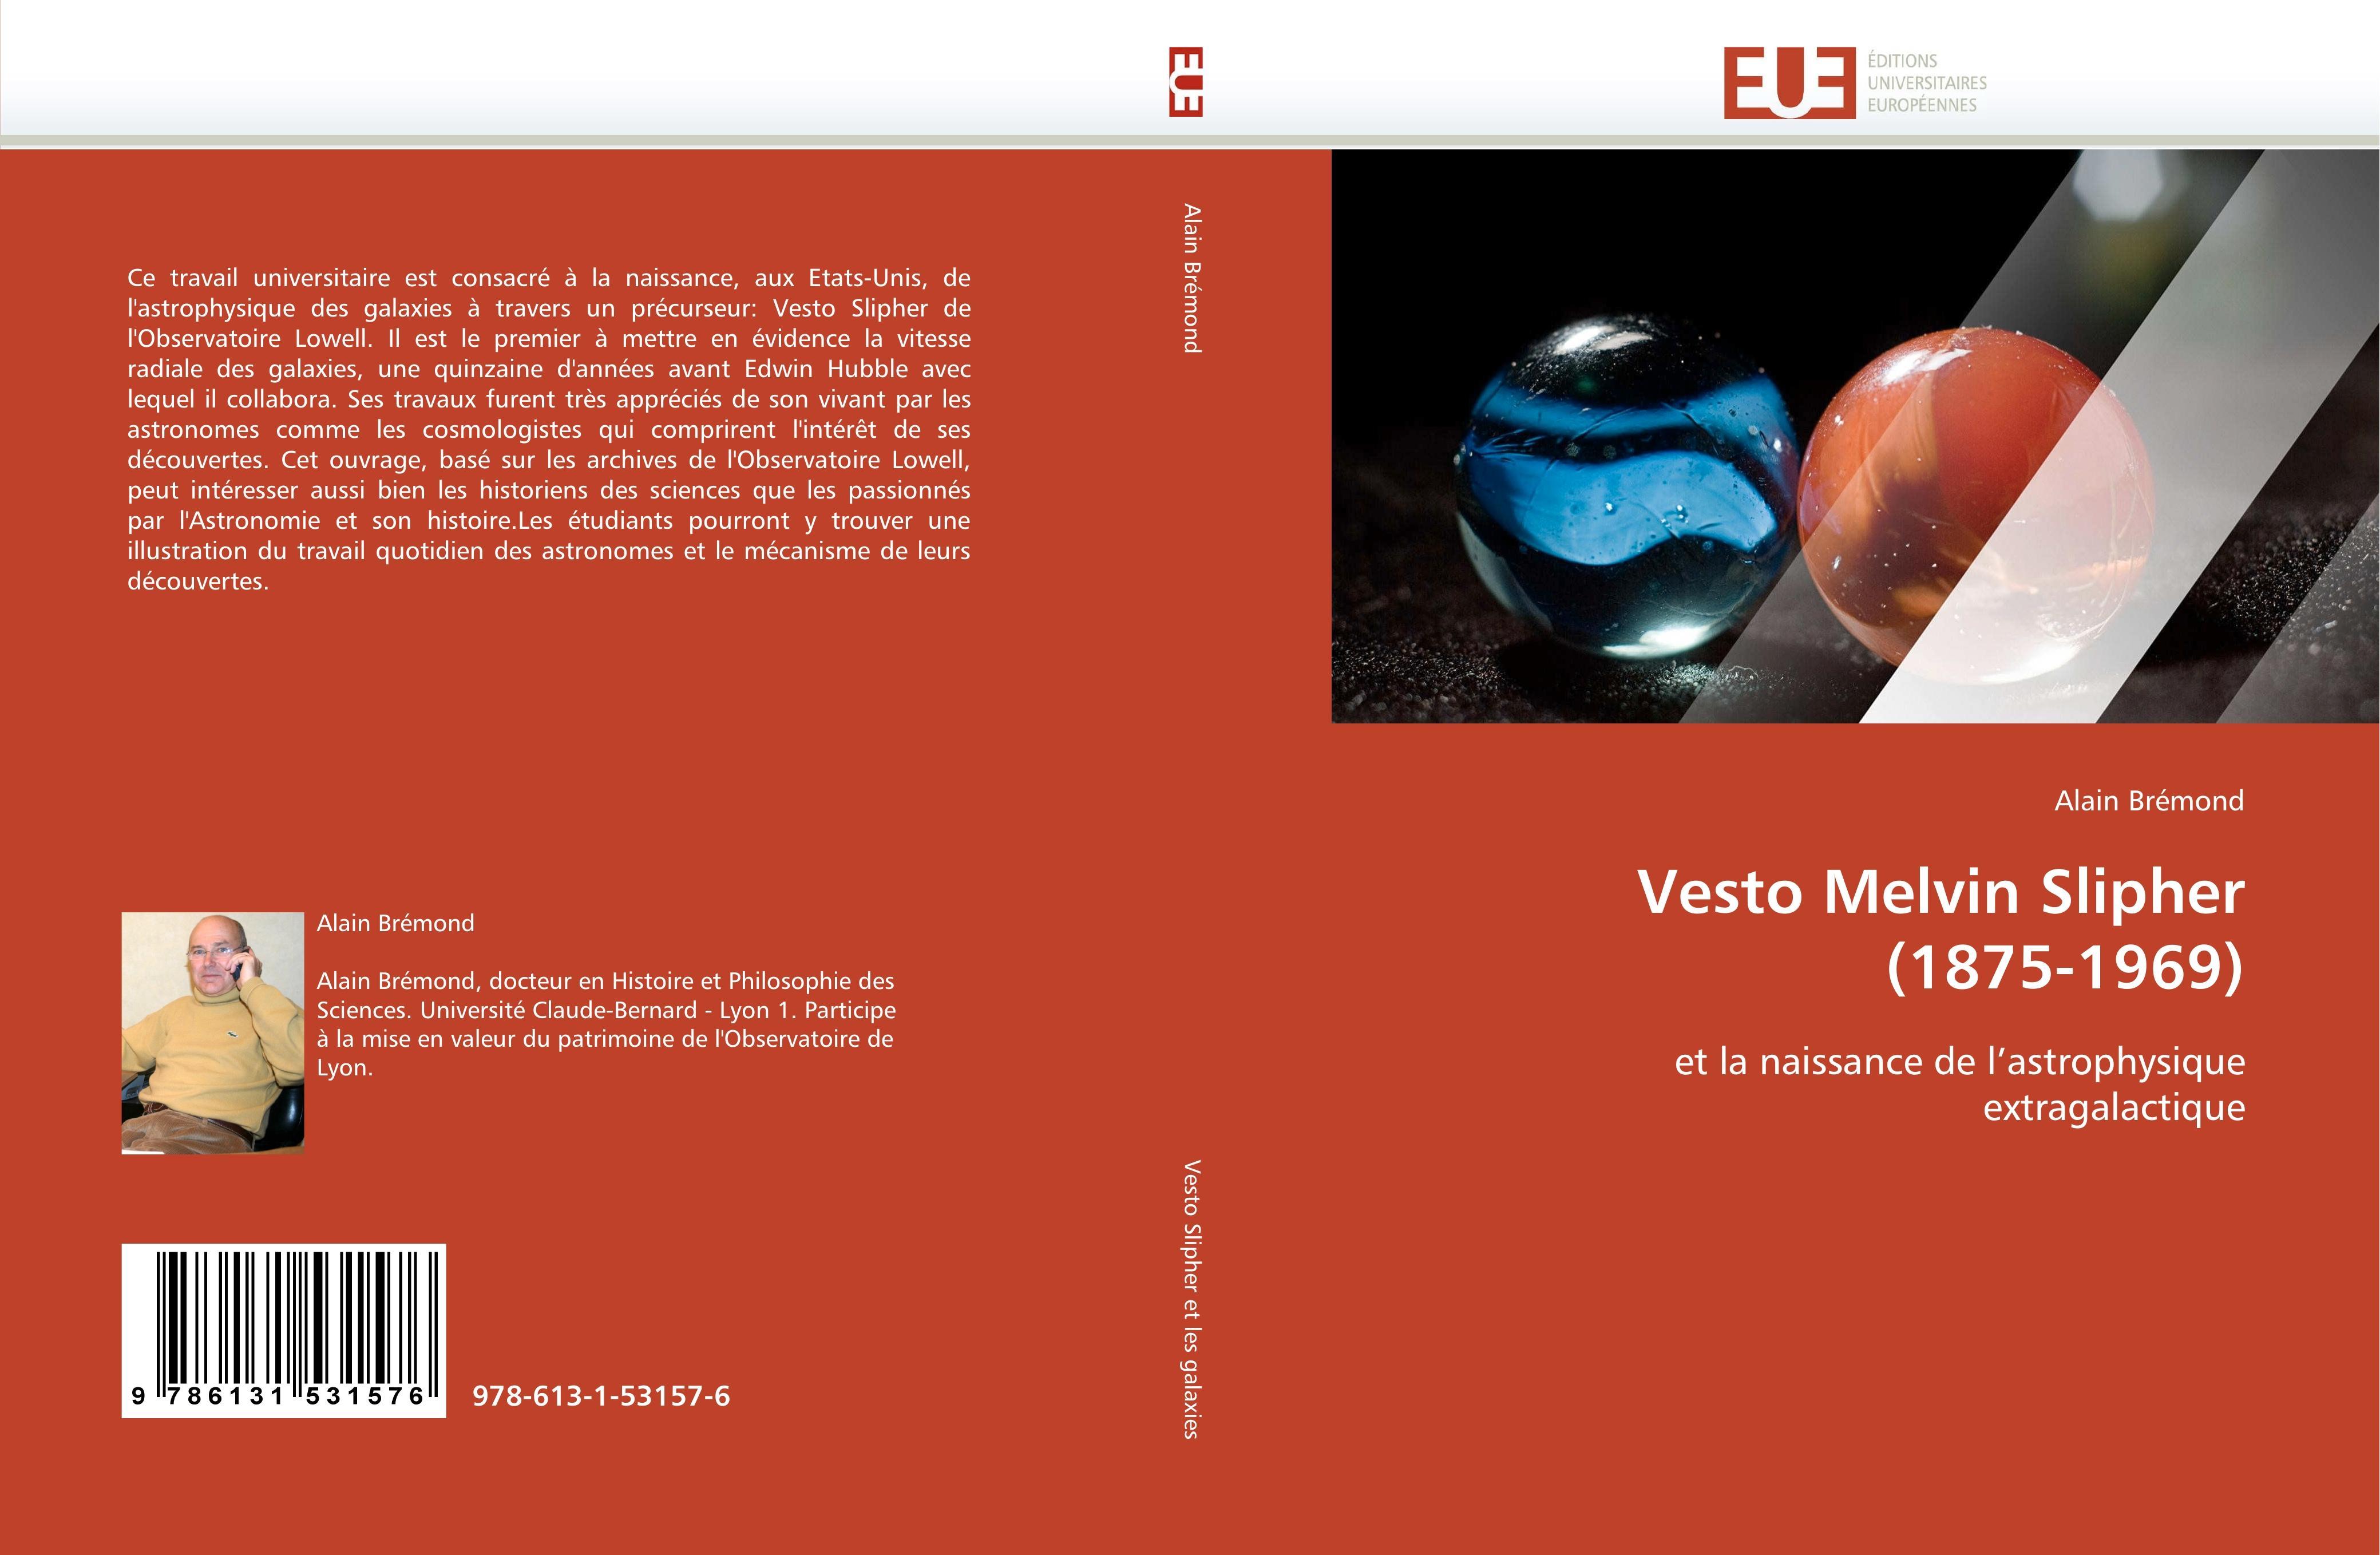 Vesto Melvin Slipher (1875-1969)  Bremond-A  Taschenbuch  Omn.Univ.Europ  Französisch  2018 - Bremond-A